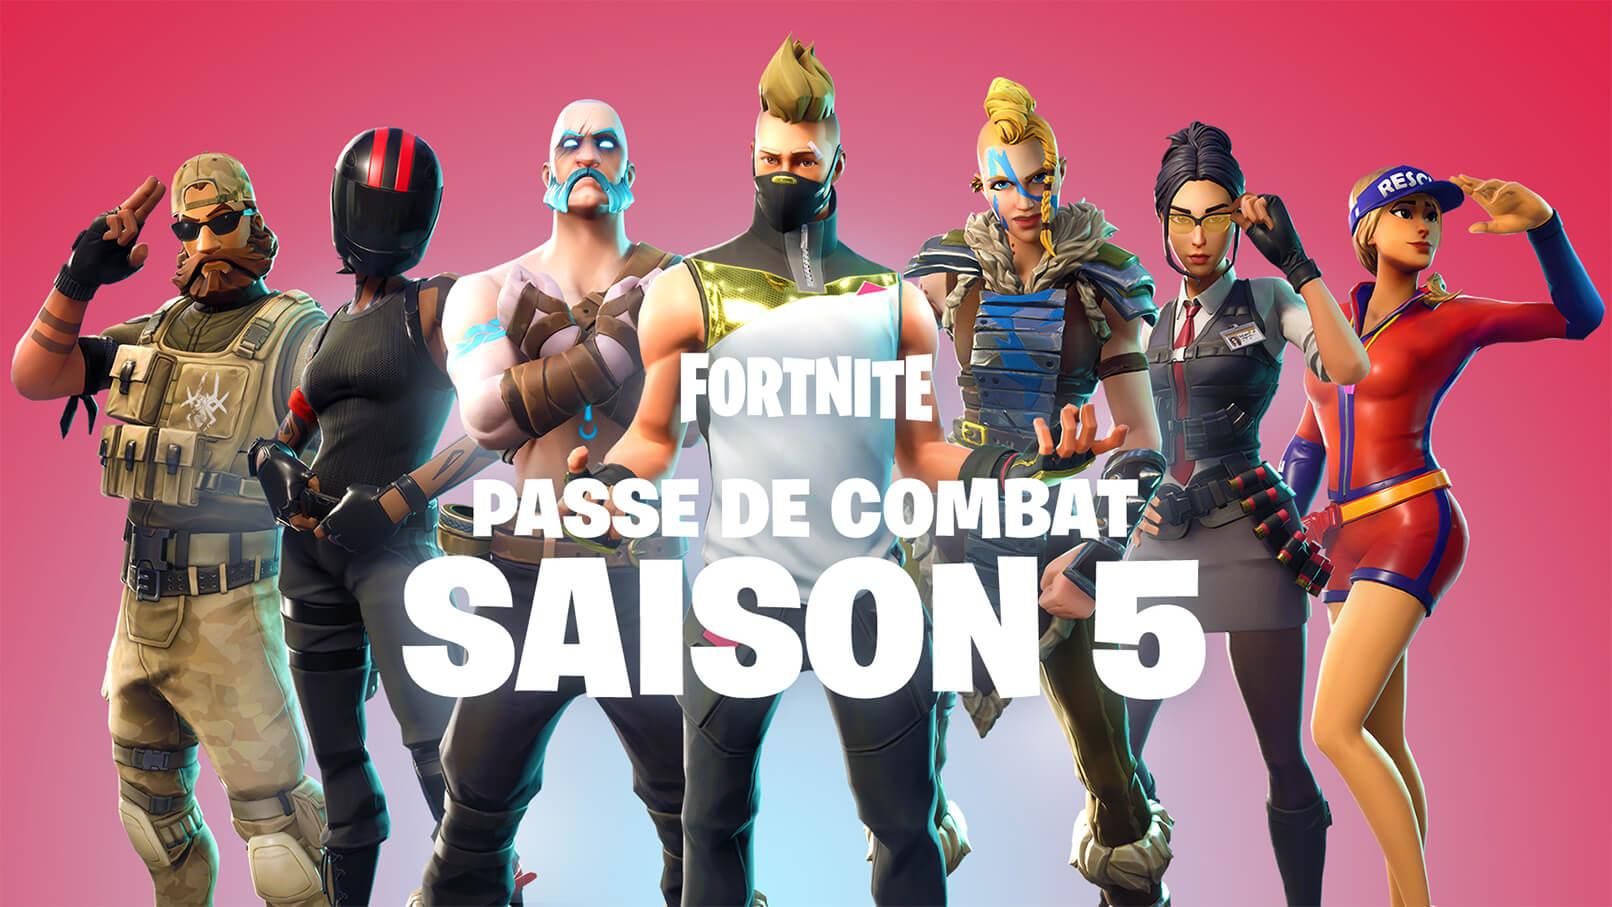 Battle Pass Trailer